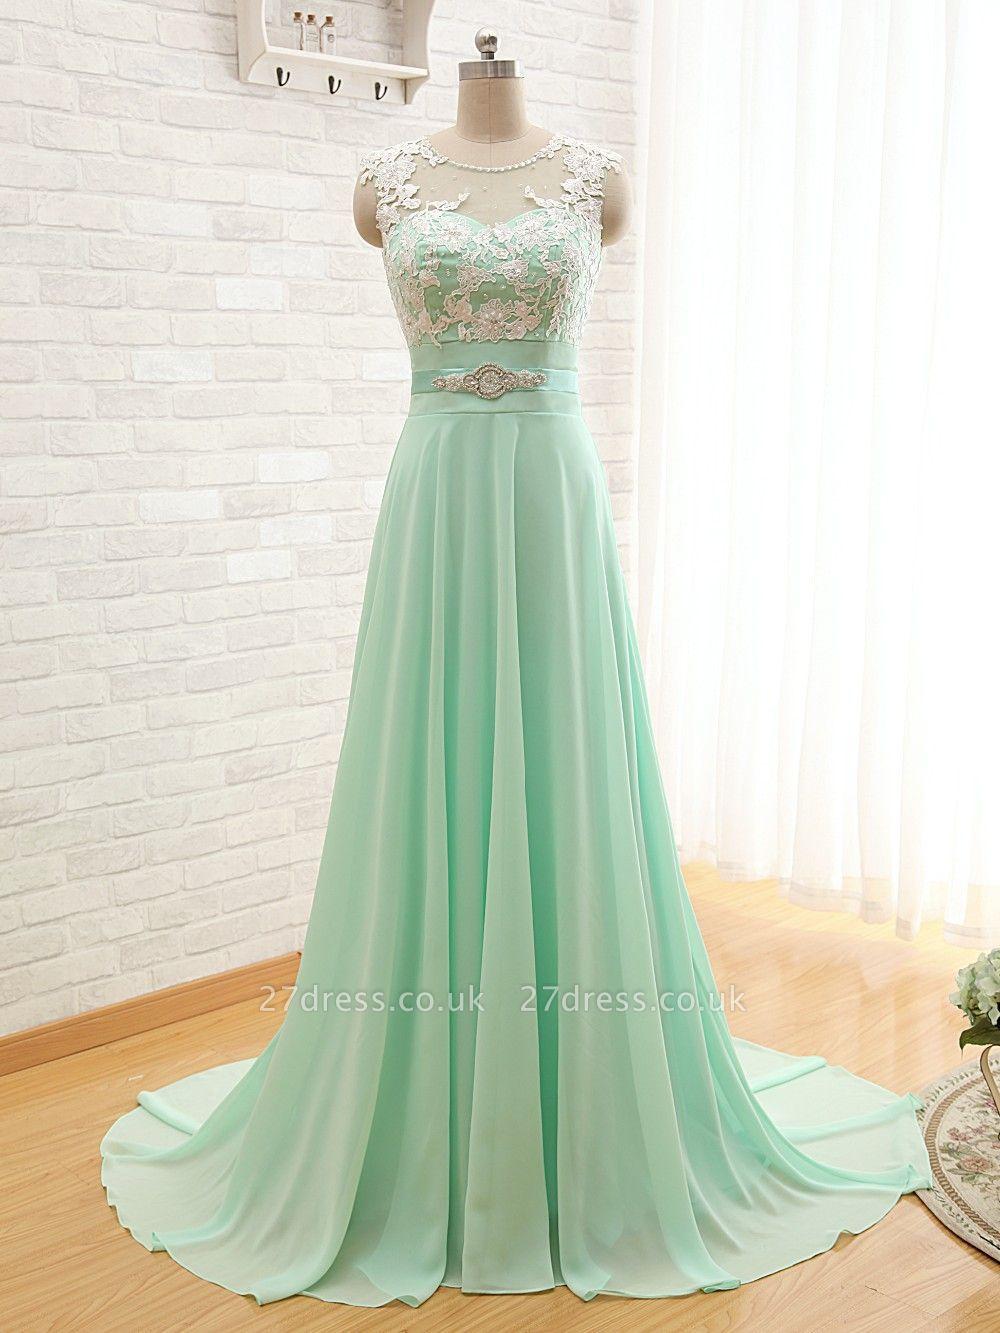 Sexy Chiffon A-line Lace Prom Dress UK Zipper Illusion Cap Sleeve BA6714